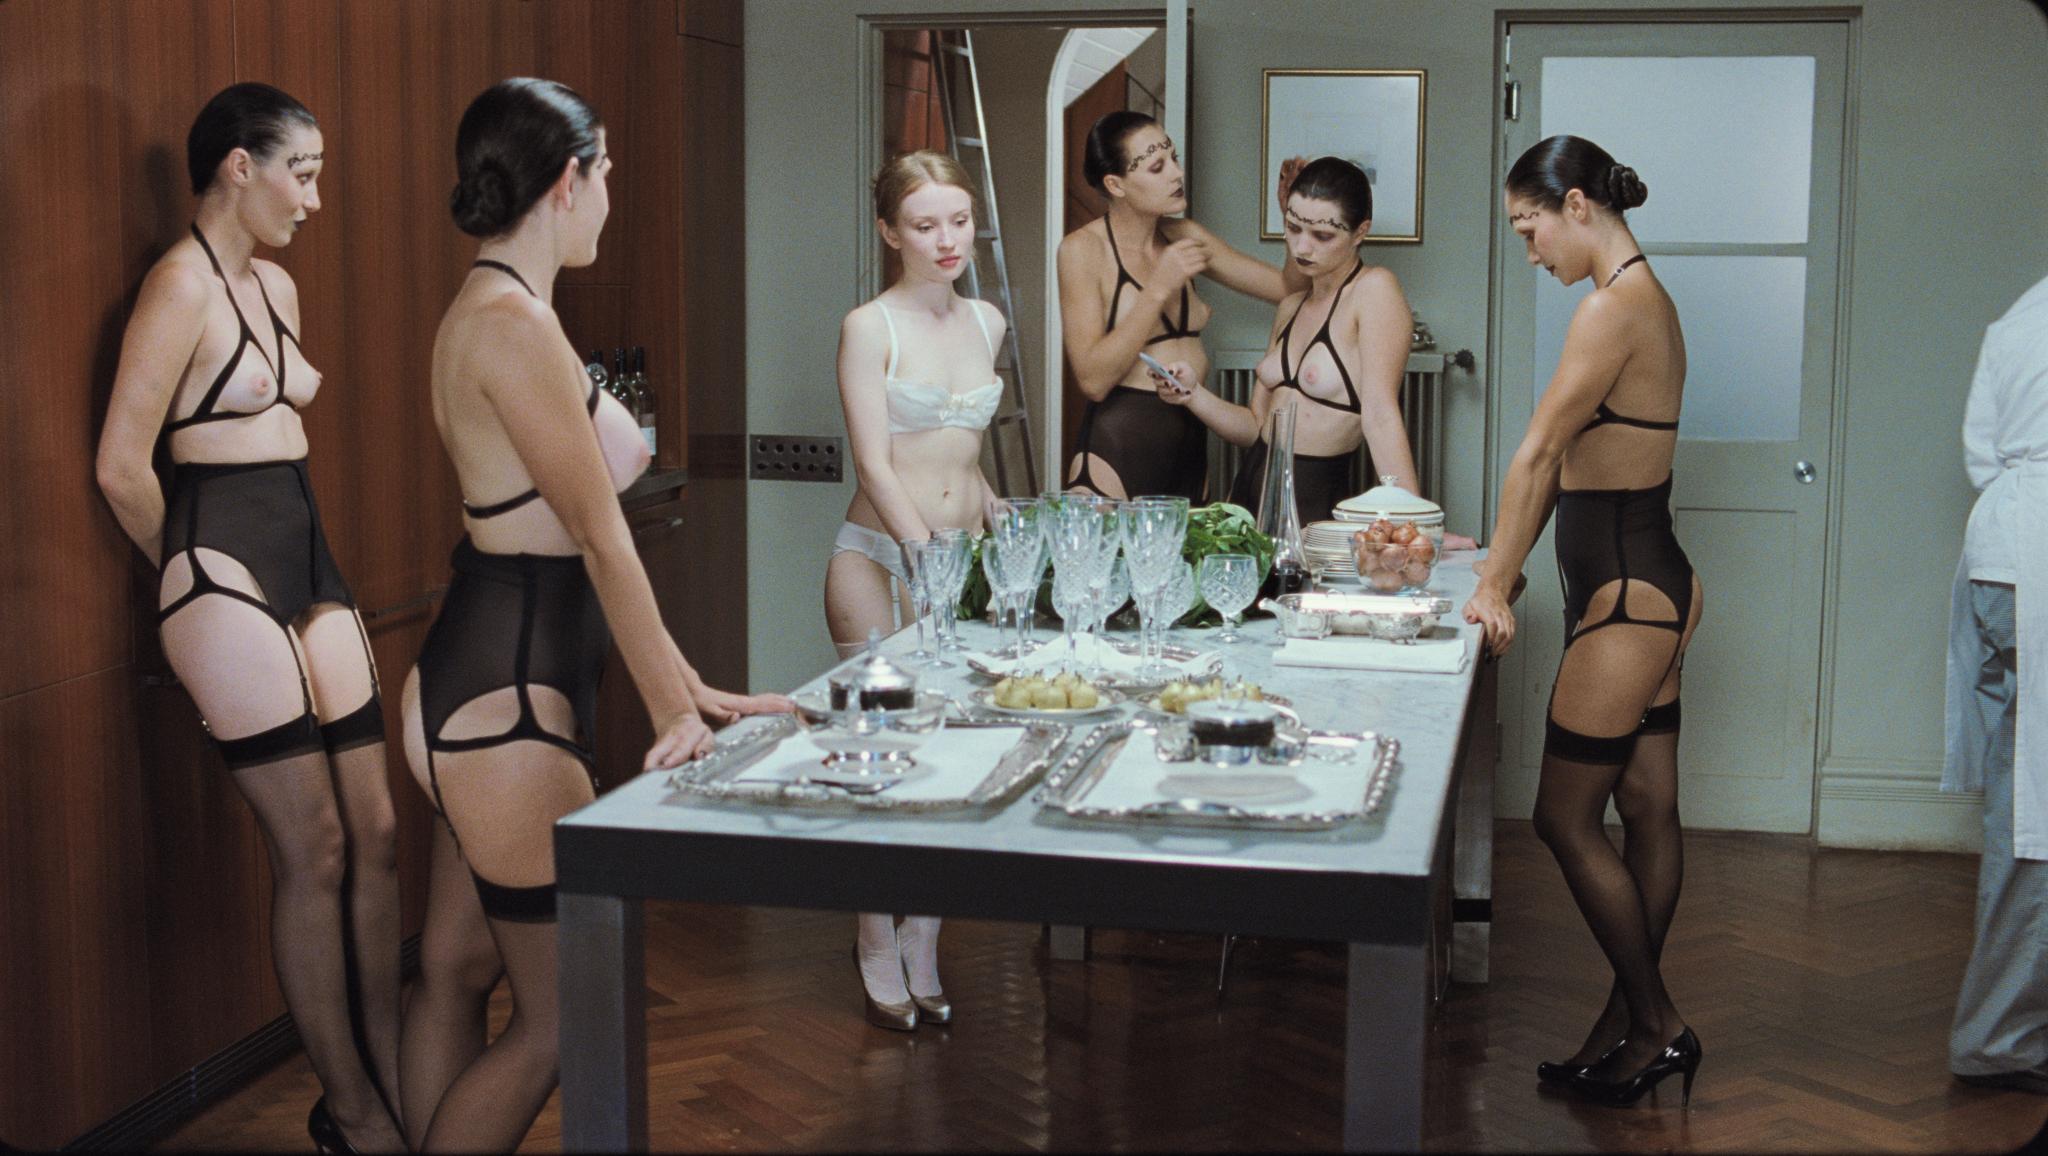 Nude Dinner 82